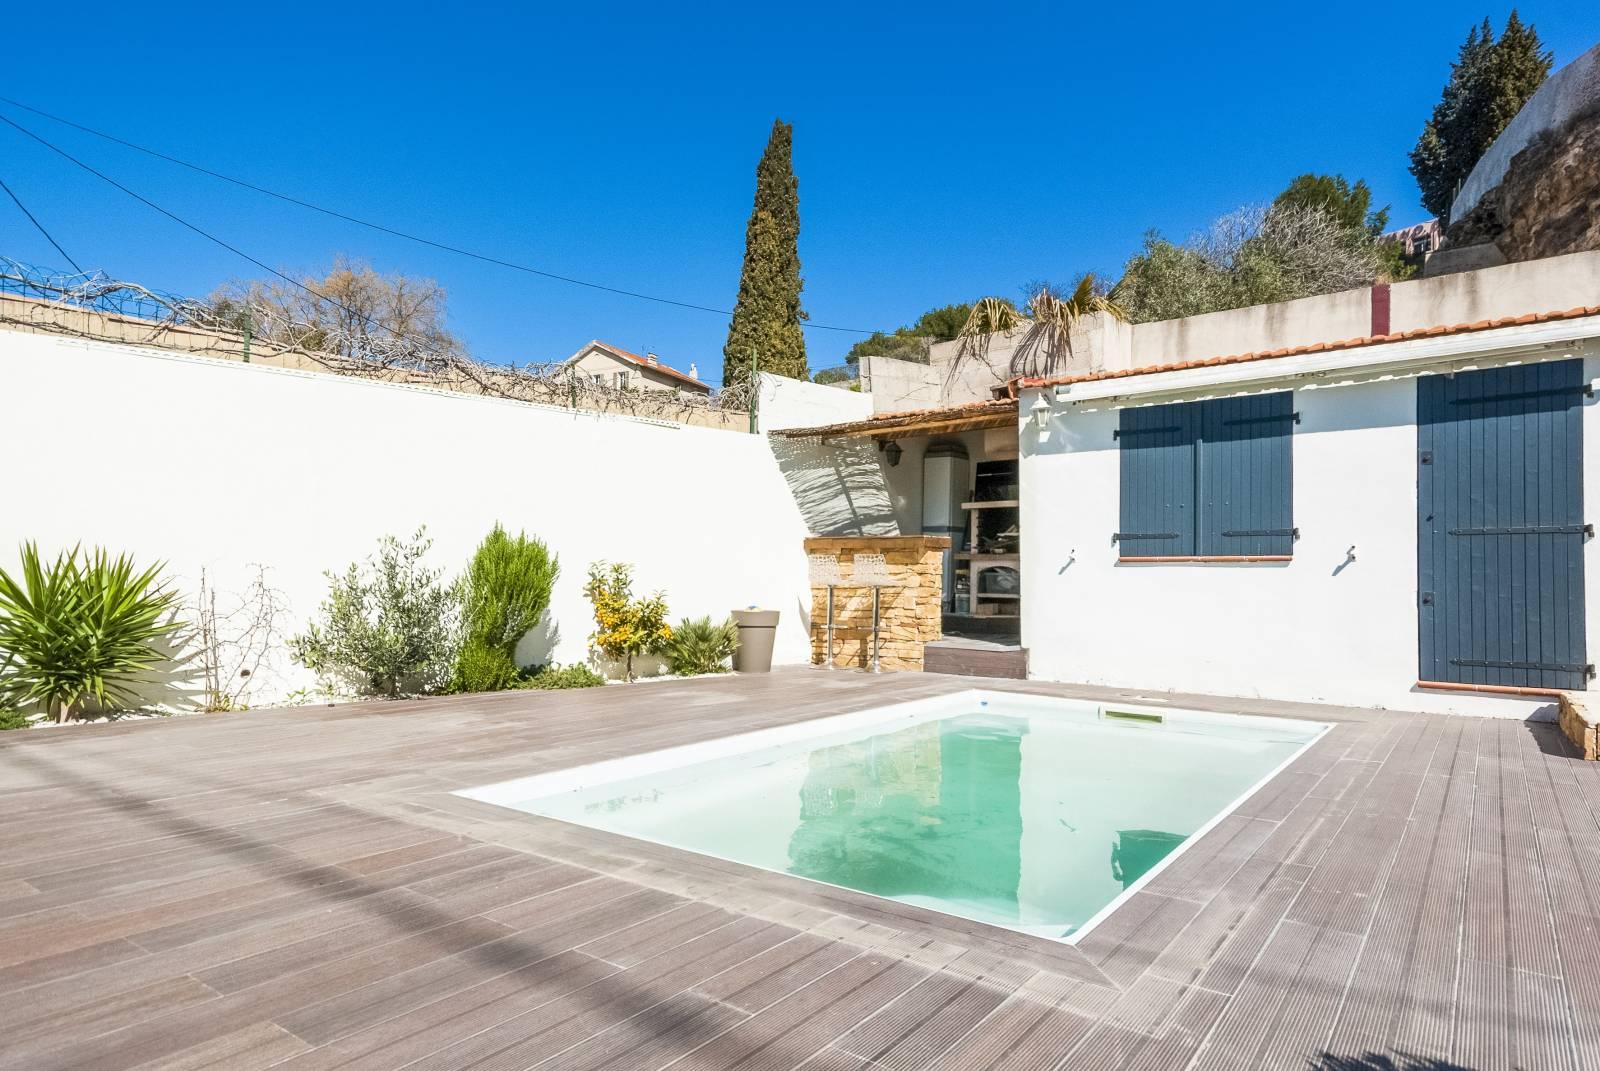 architecte d 39 int rieur et ext rieur pour r nover sa maisons am nagement jardins terrasse et. Black Bedroom Furniture Sets. Home Design Ideas